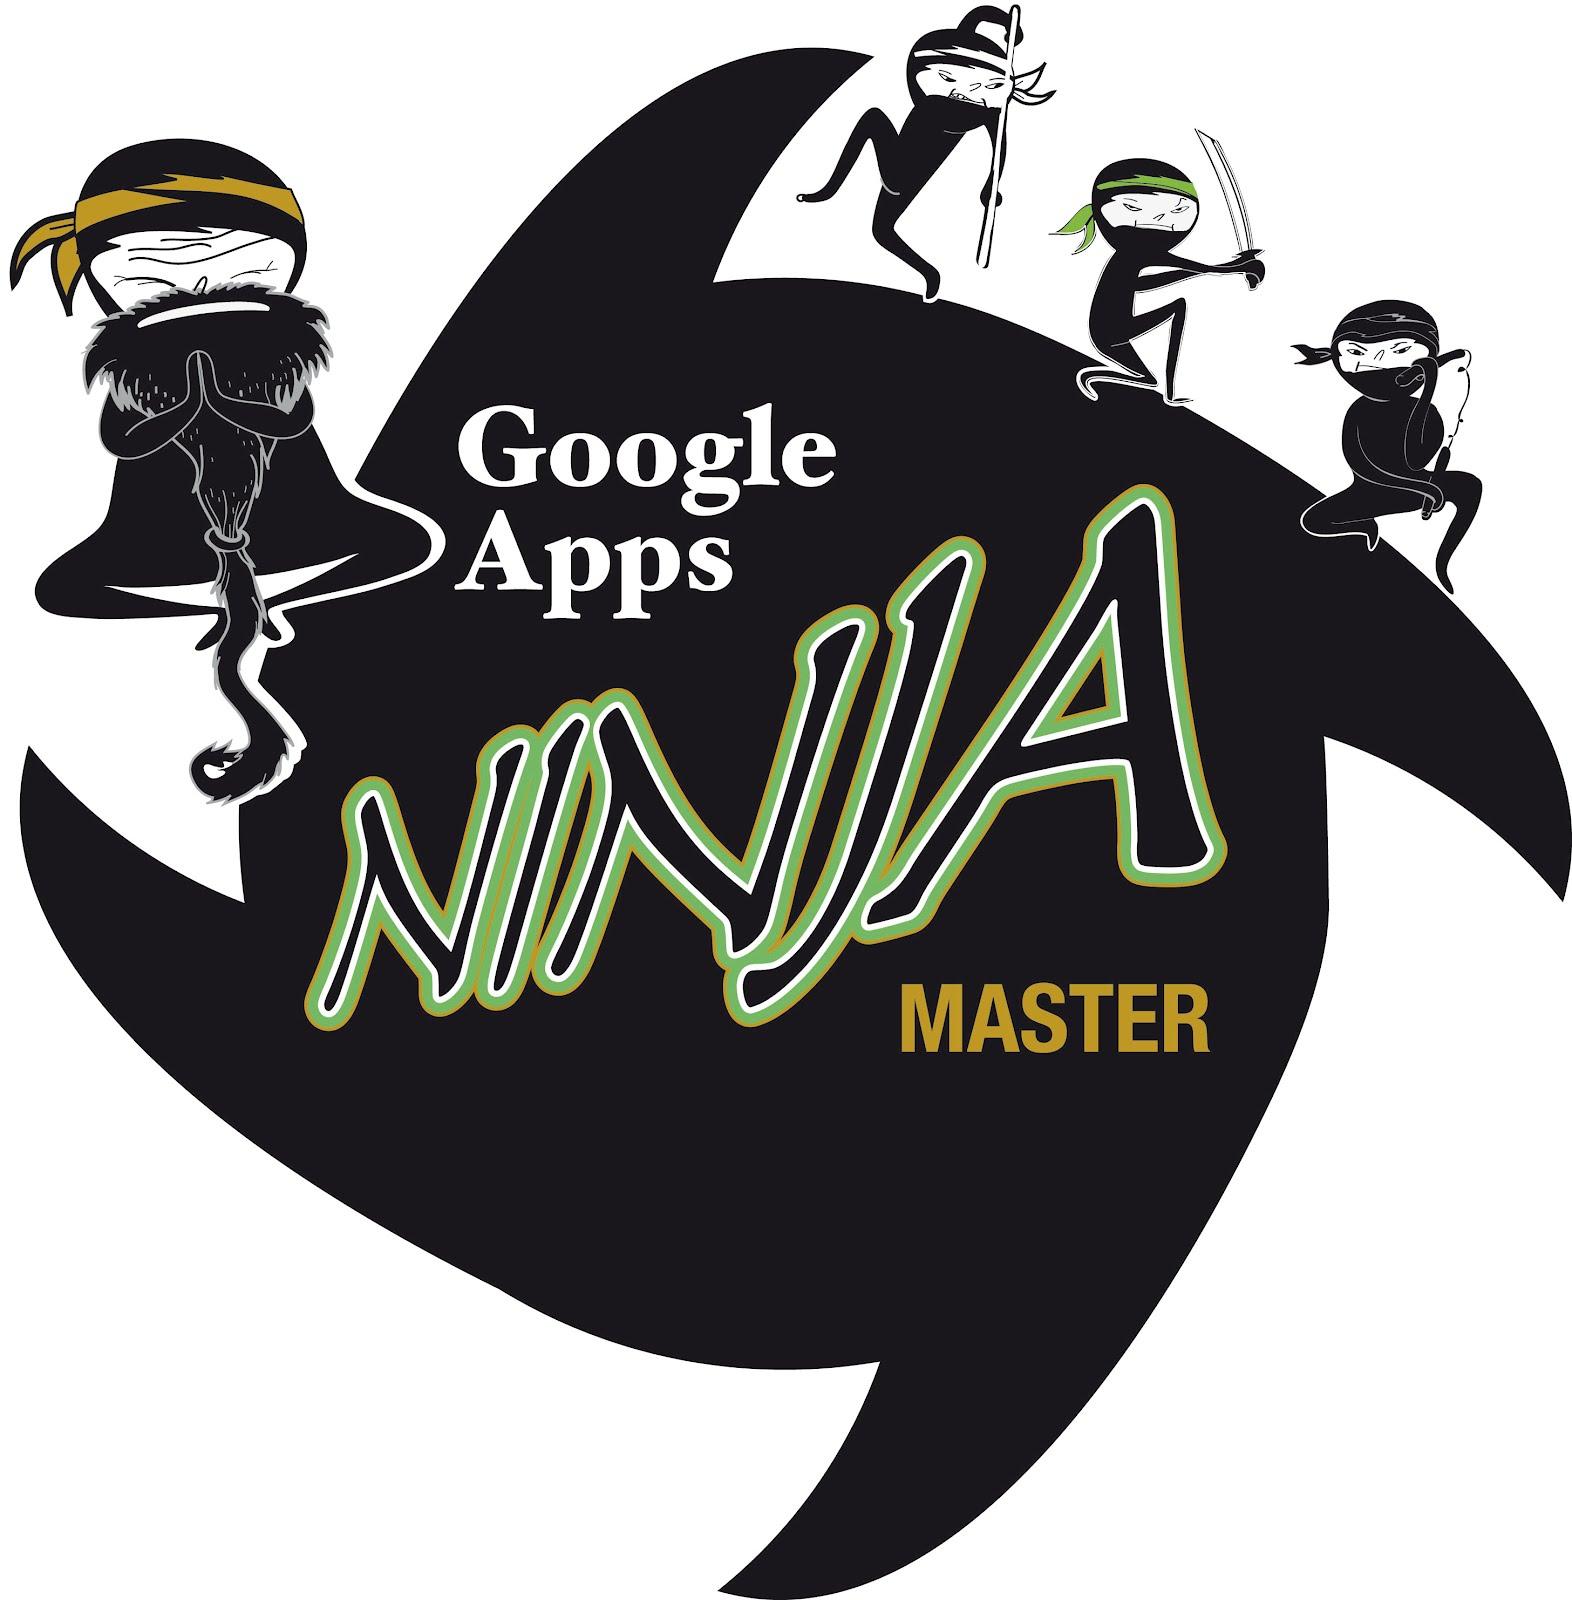 Google Apps Ninja Master